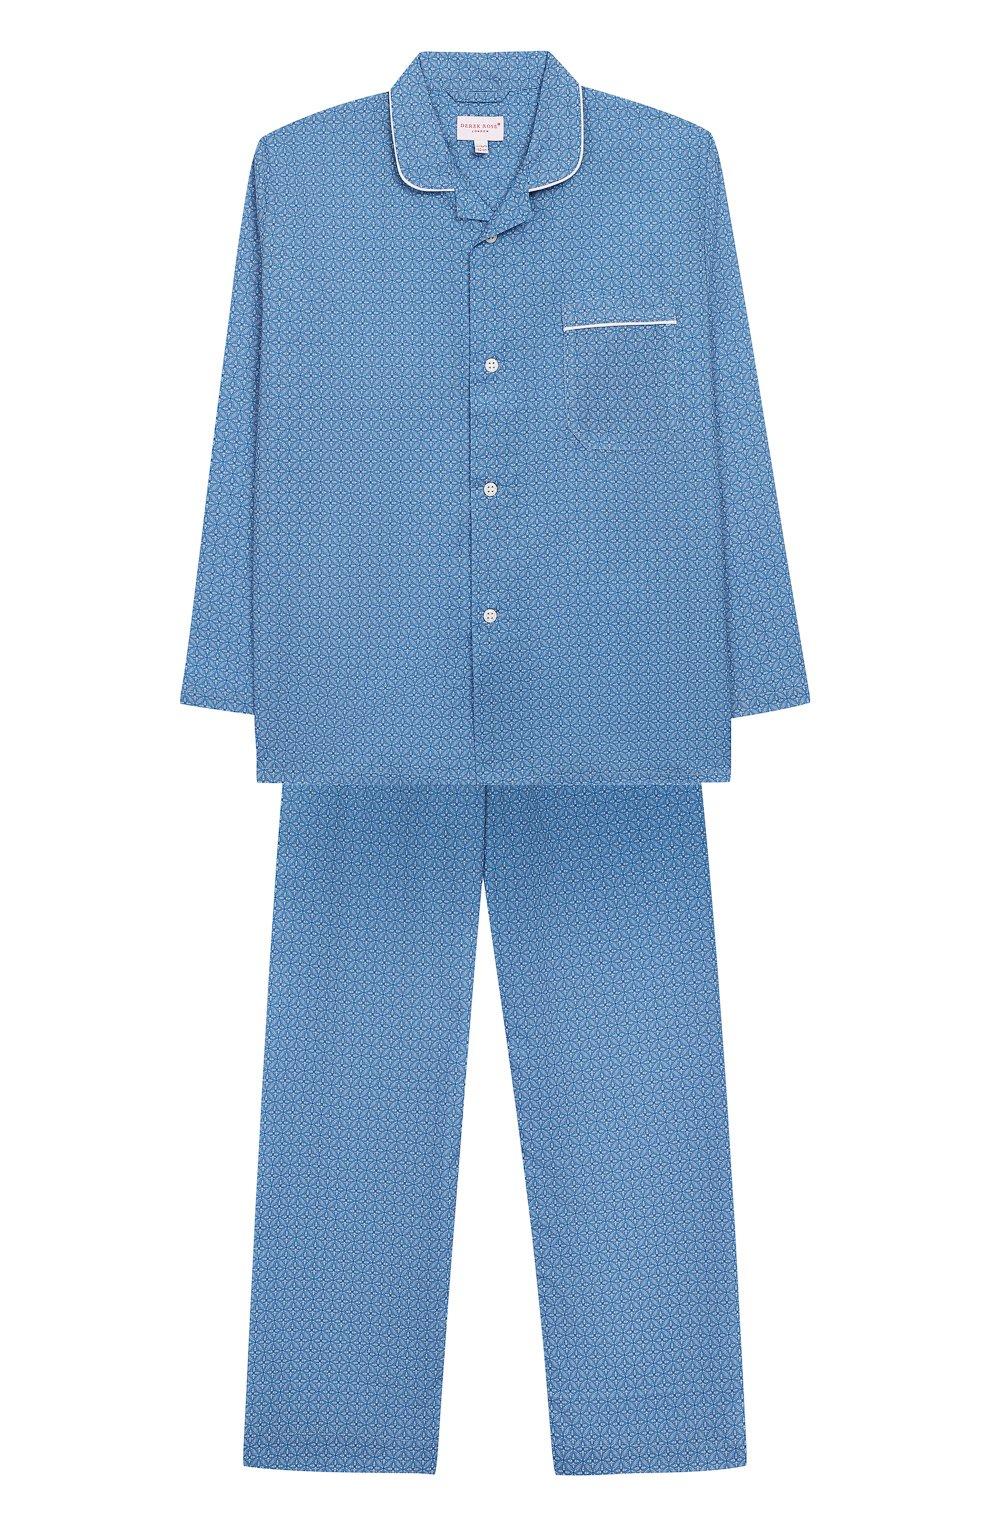 Хлопковая пижама DEREK ROSE голубого цвета — купить за 9950 руб. в ... a9d1ee6f9c762